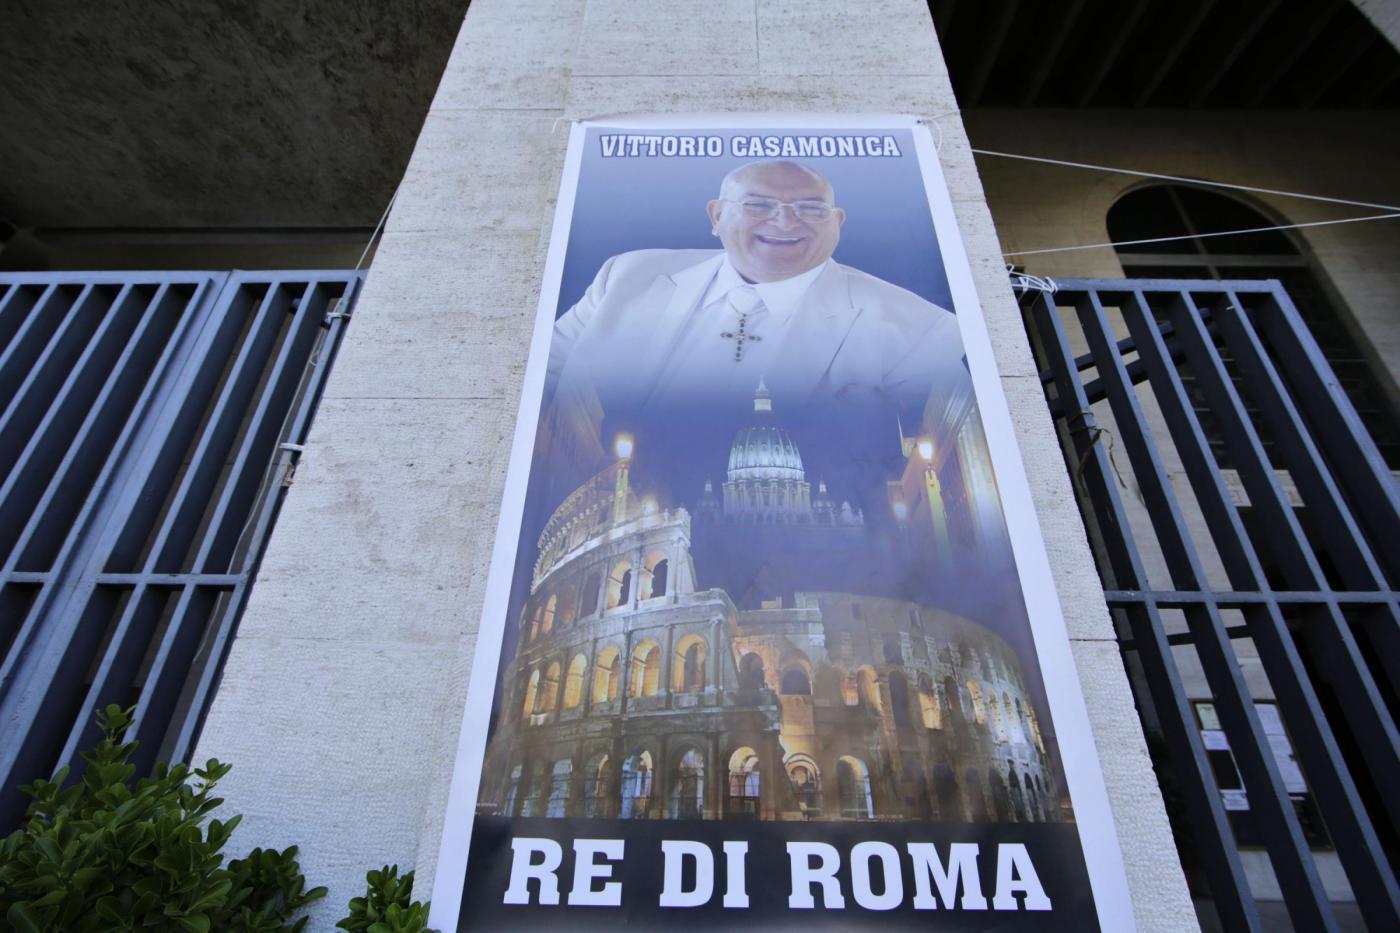 Funerale Casamonica, una cerimonia da Padrino per il boss Vittorio